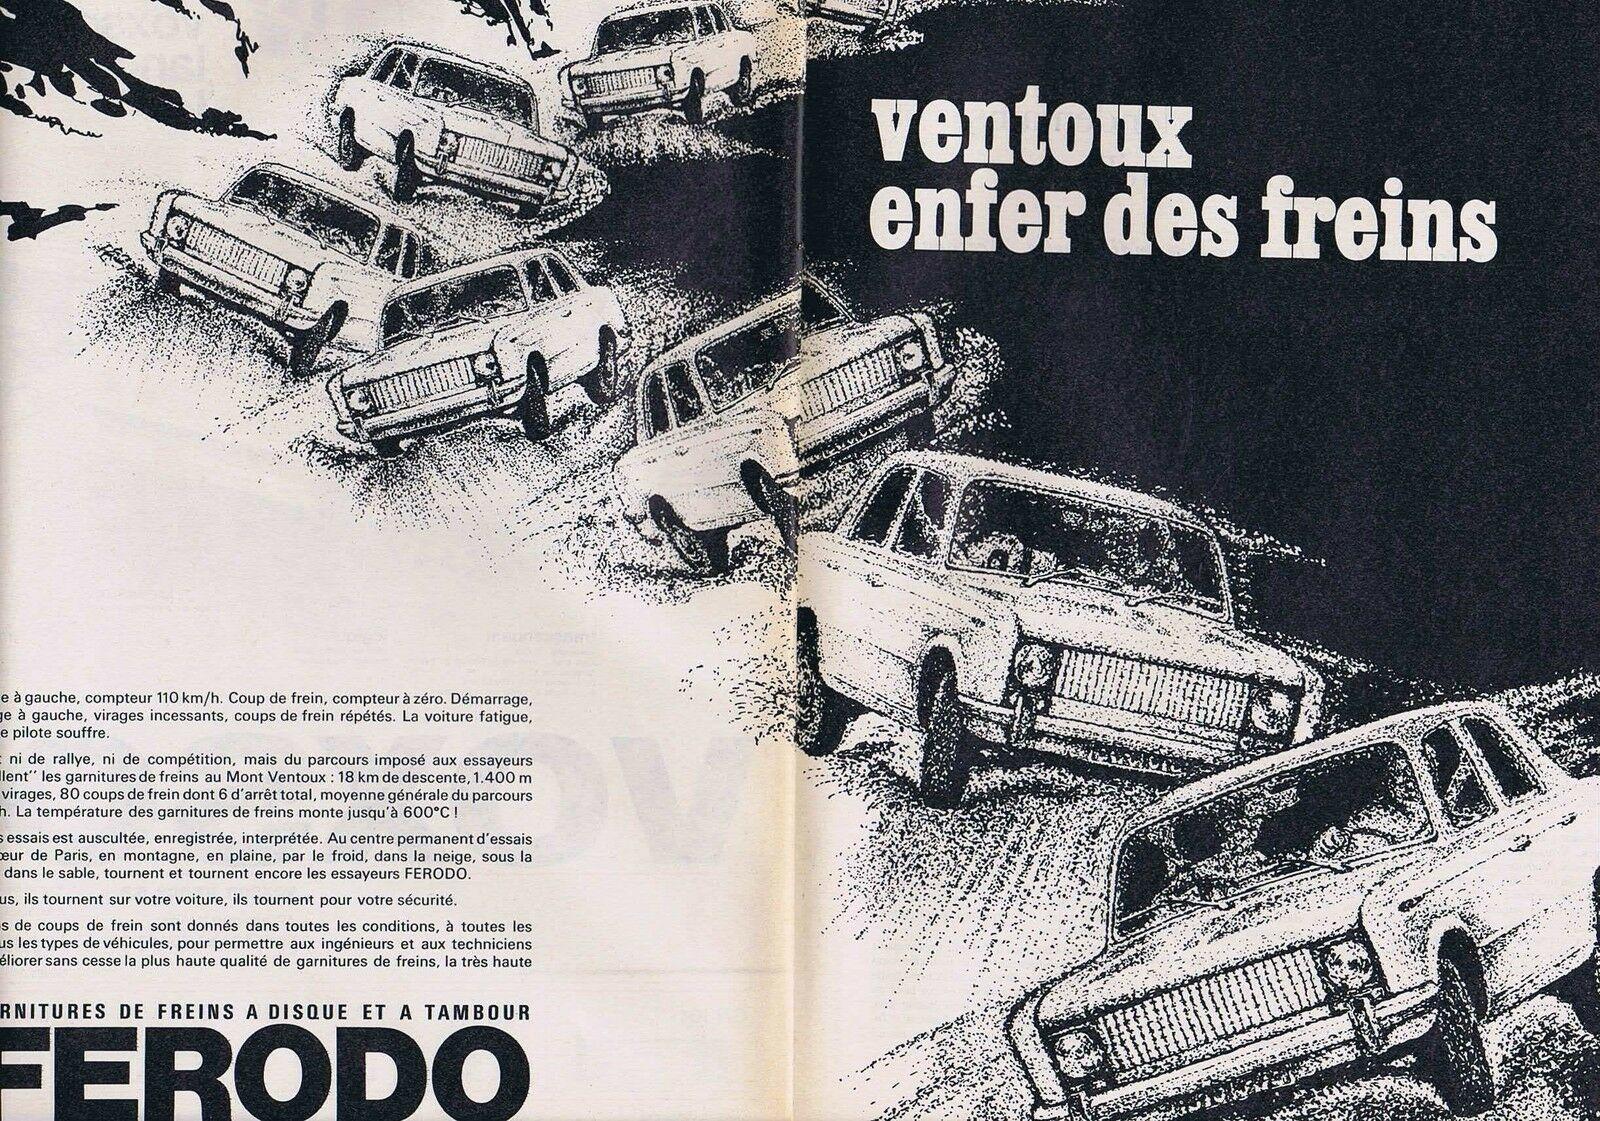 1968 Ferrodo Le Ventoux enfer des freins